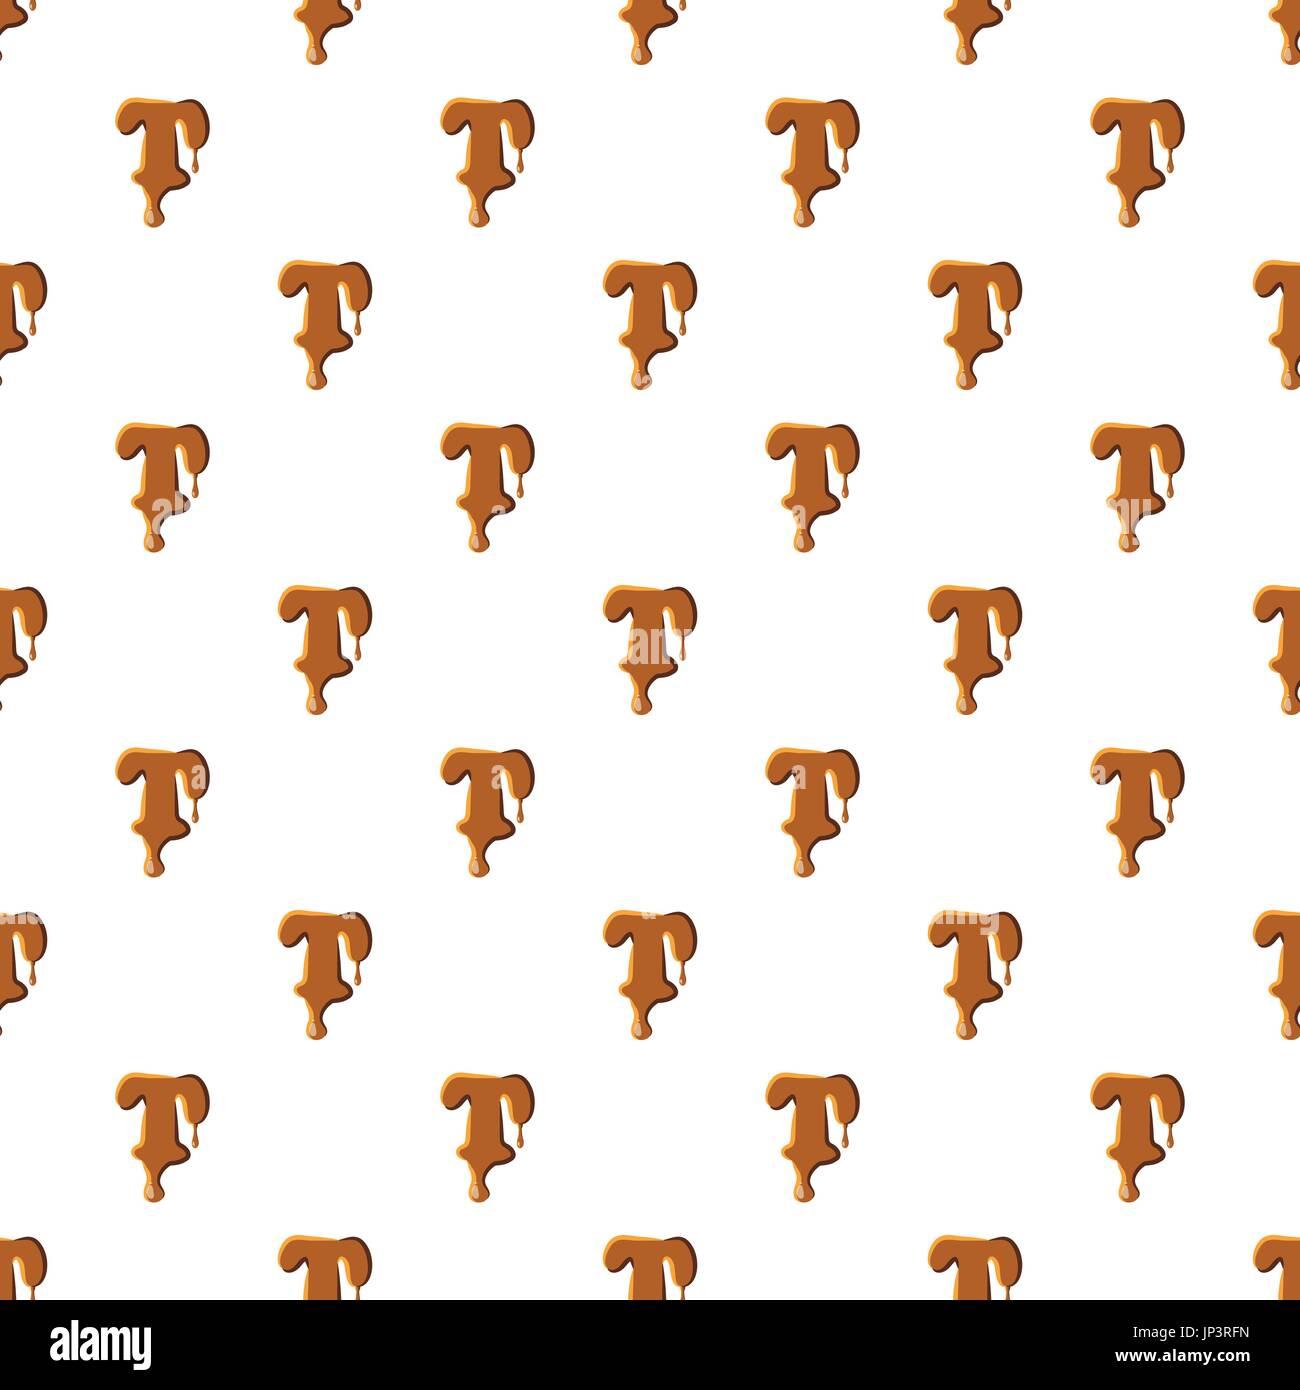 Letra T Desde El Caramelo Patrón Repetir En Perfecta Ilustración